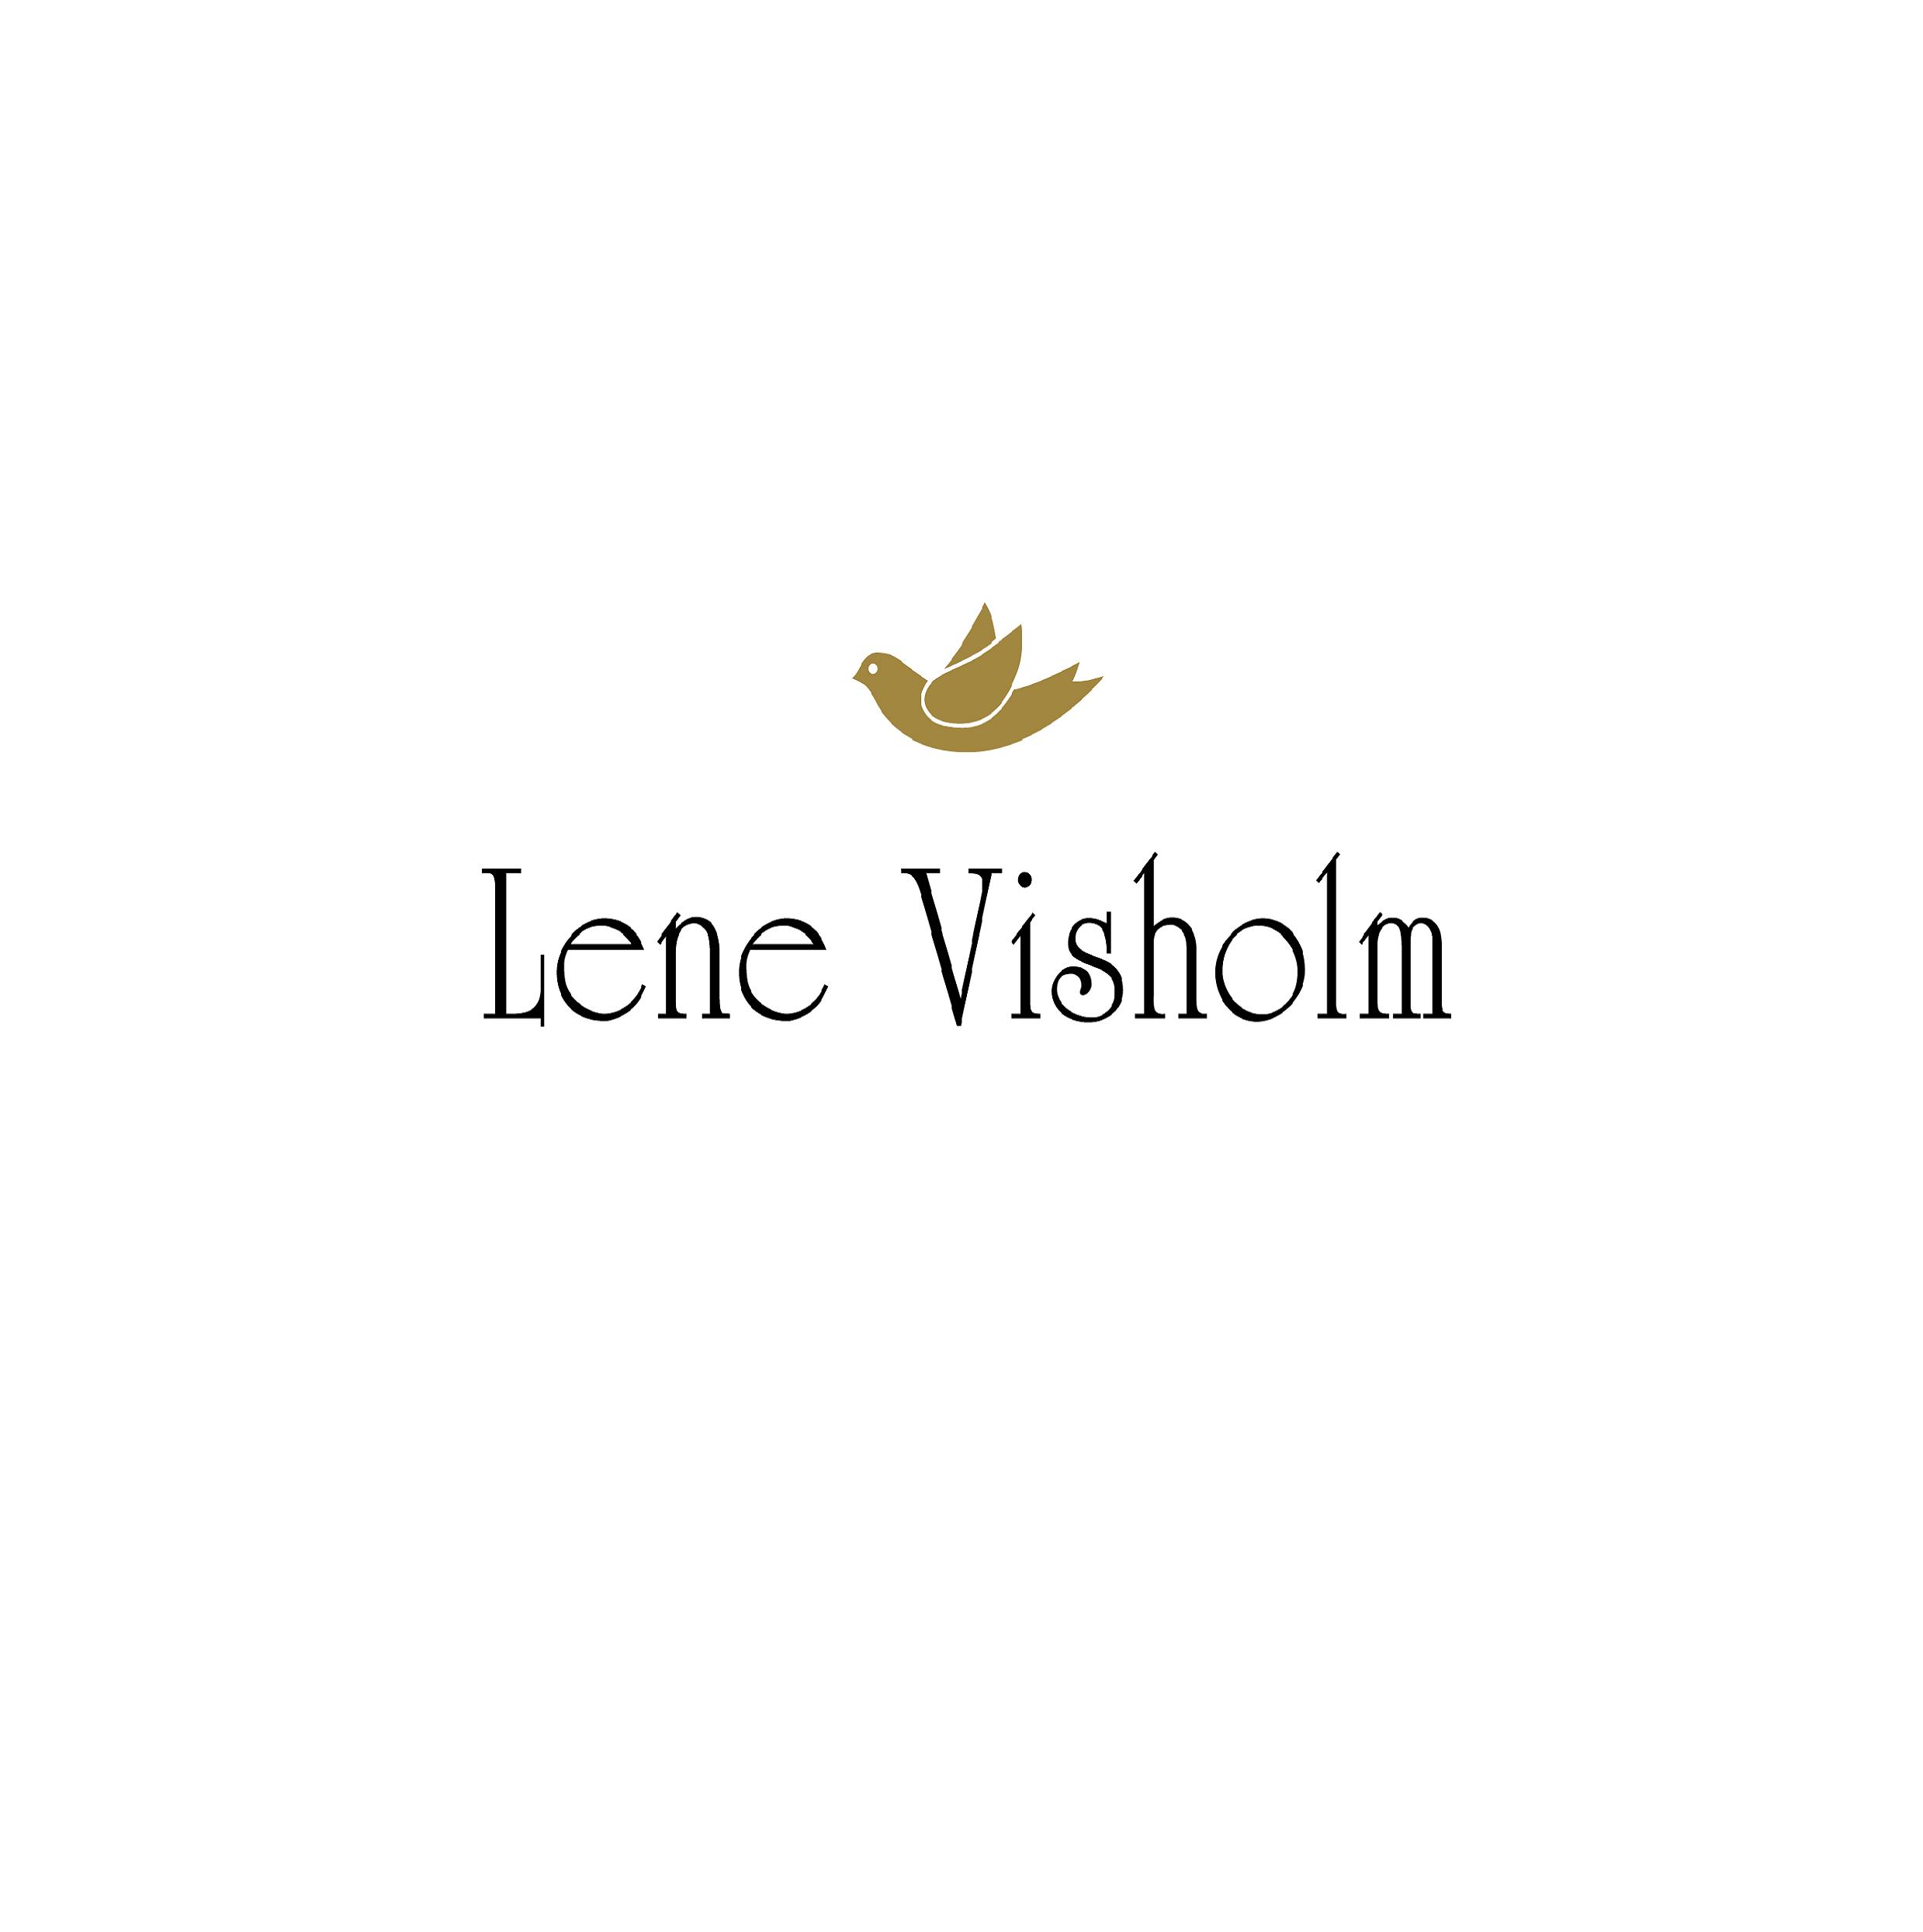 Lene Visholm logo